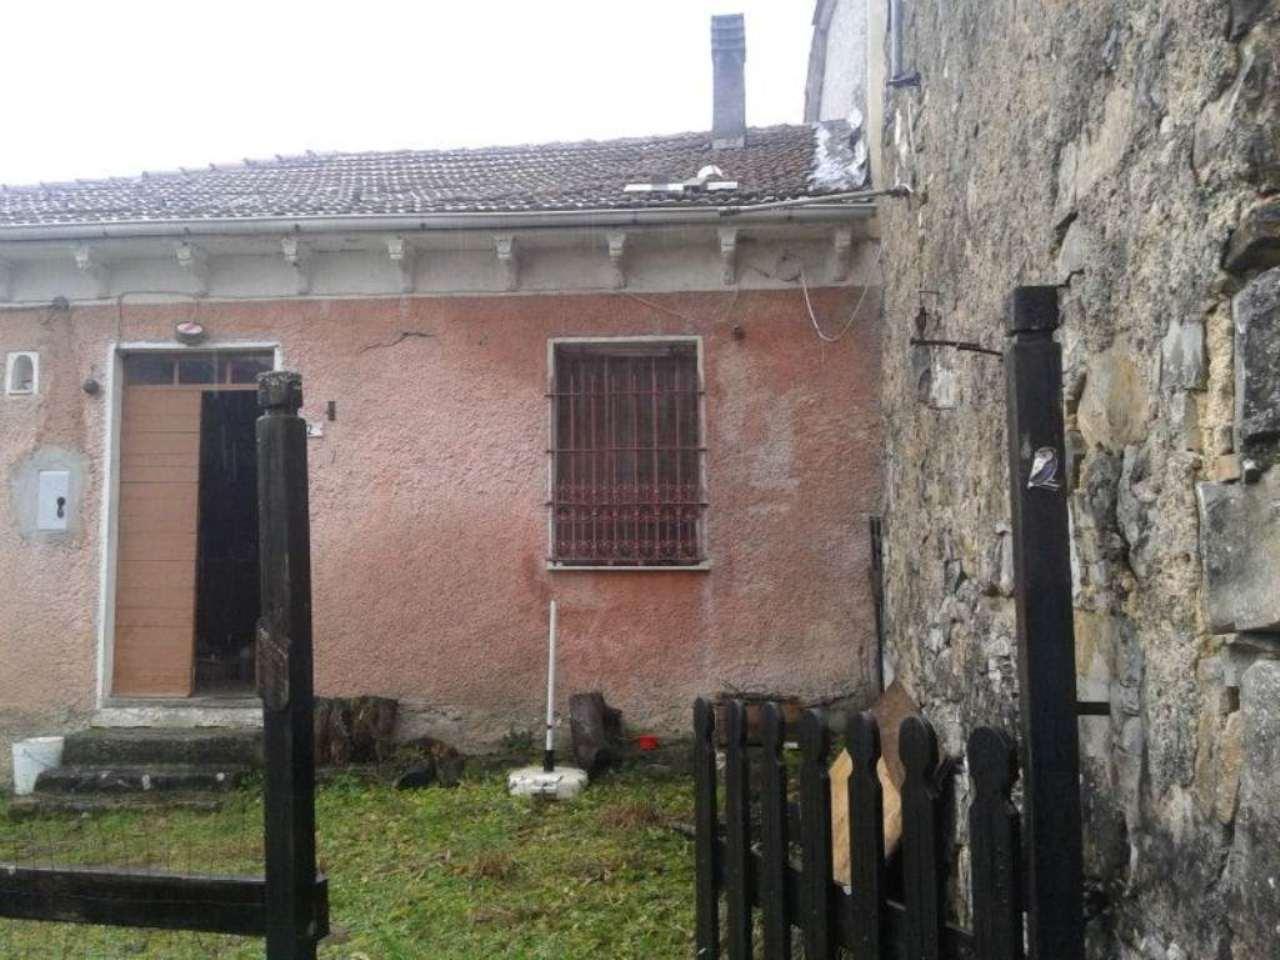 Soluzione Indipendente in vendita a Mongiardino Ligure, 6 locali, prezzo € 35.000 | Cambio Casa.it